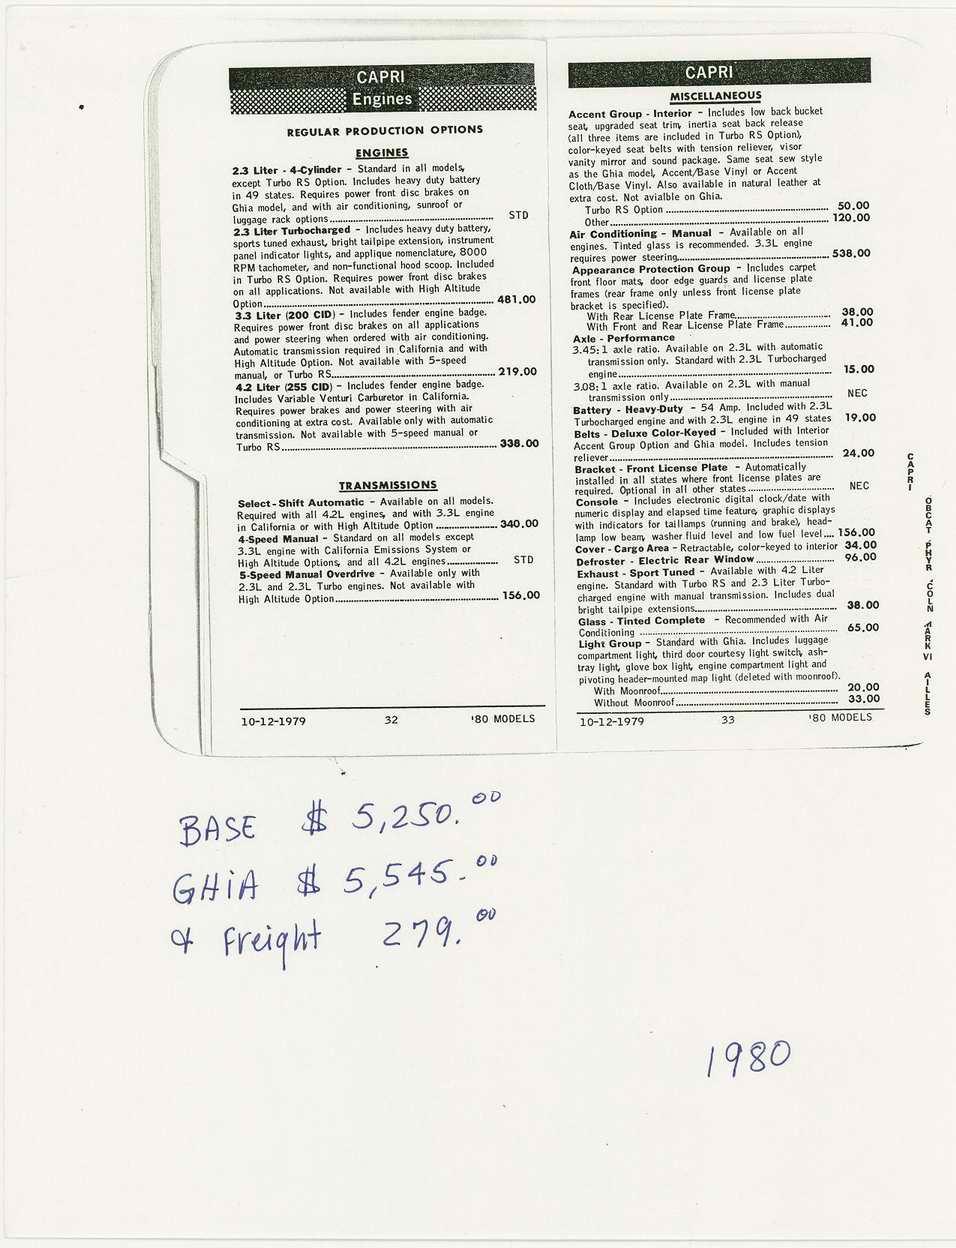 ascMcLarenCoupe.com, Dealer Literature